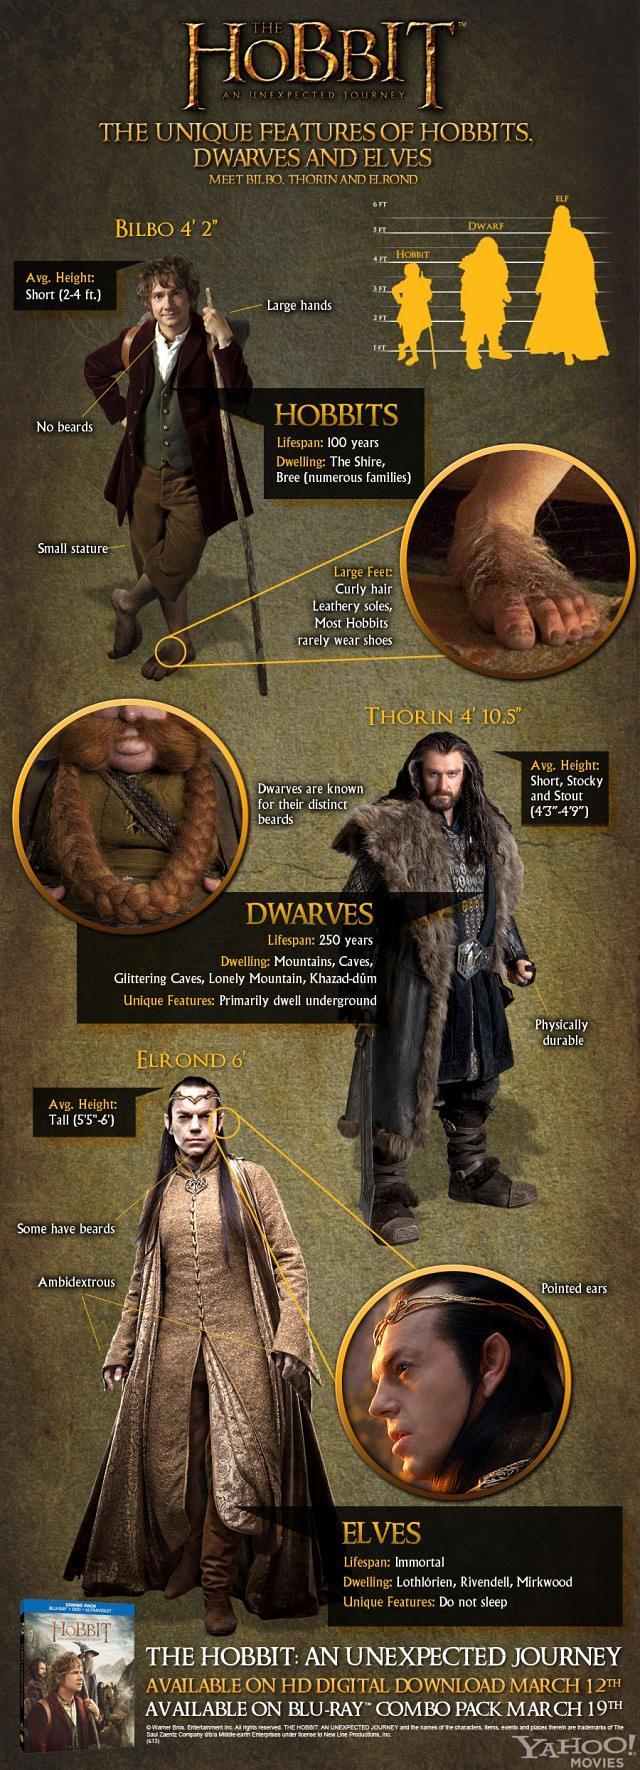 hobbit-infographic-full900-jpg_223713-640x1770